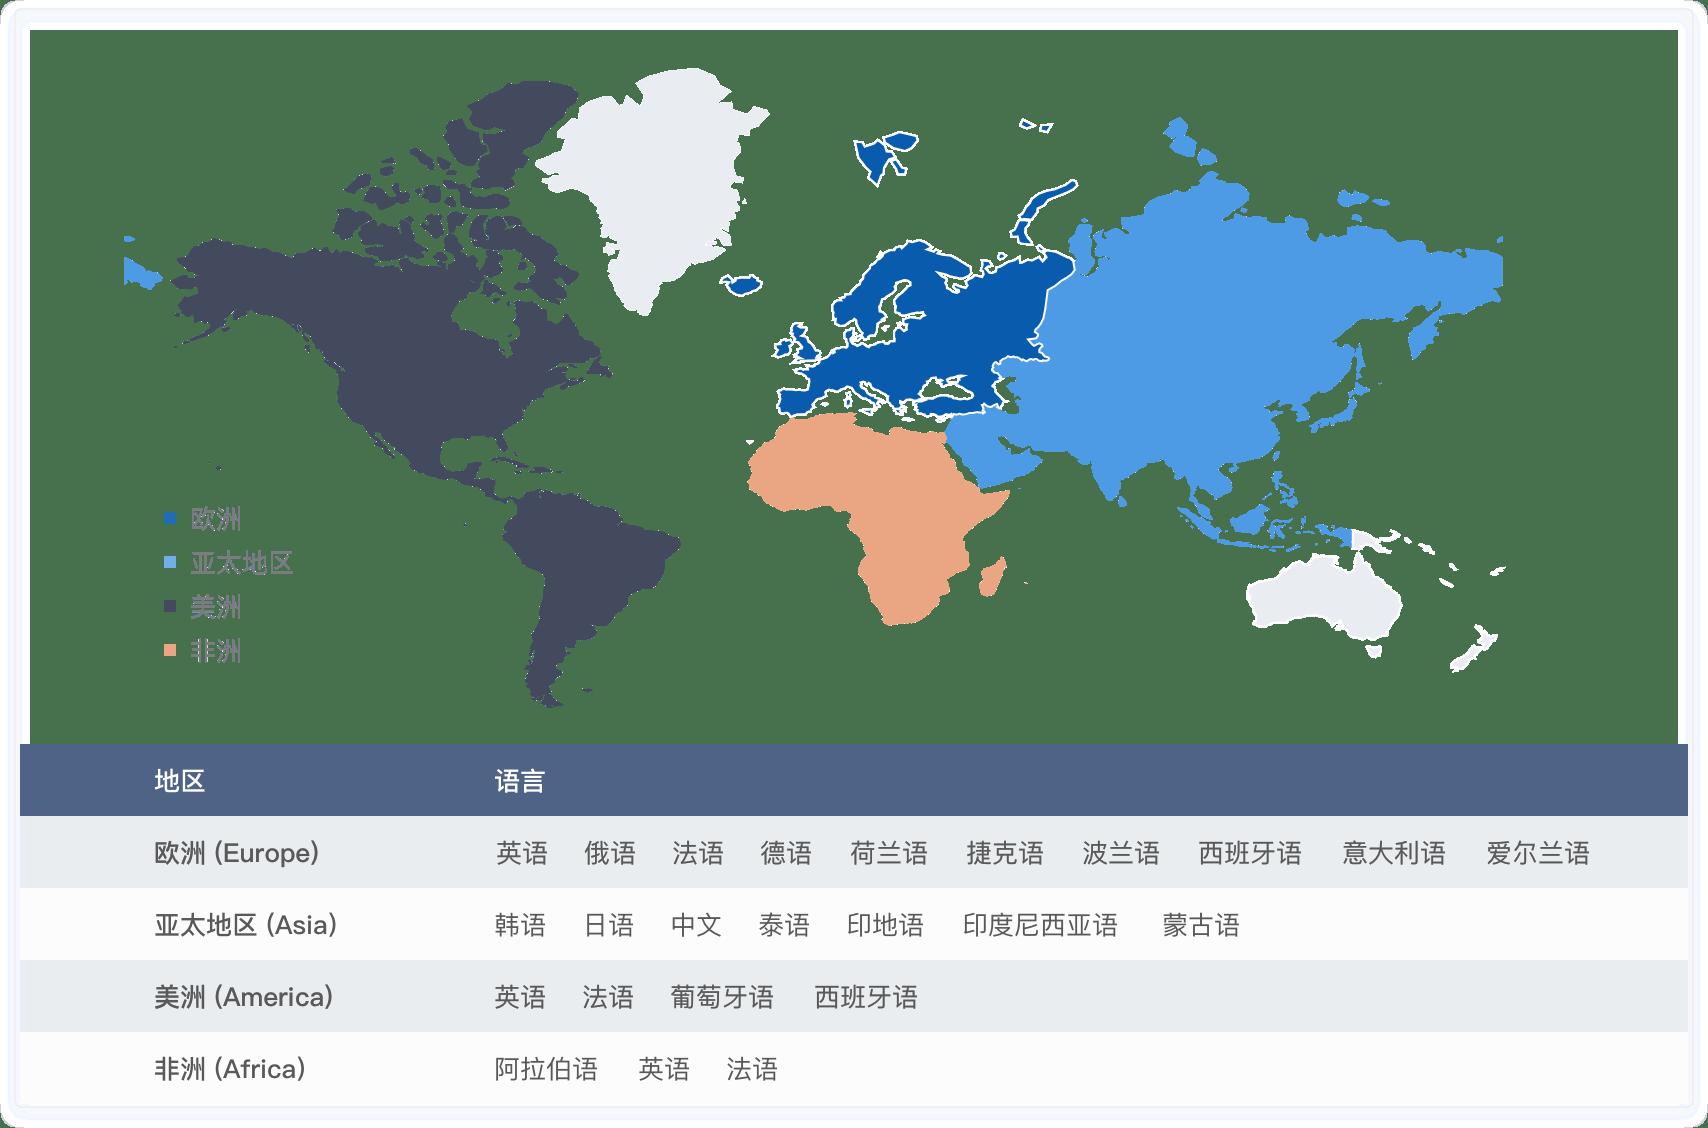 大洲及語種對應圖